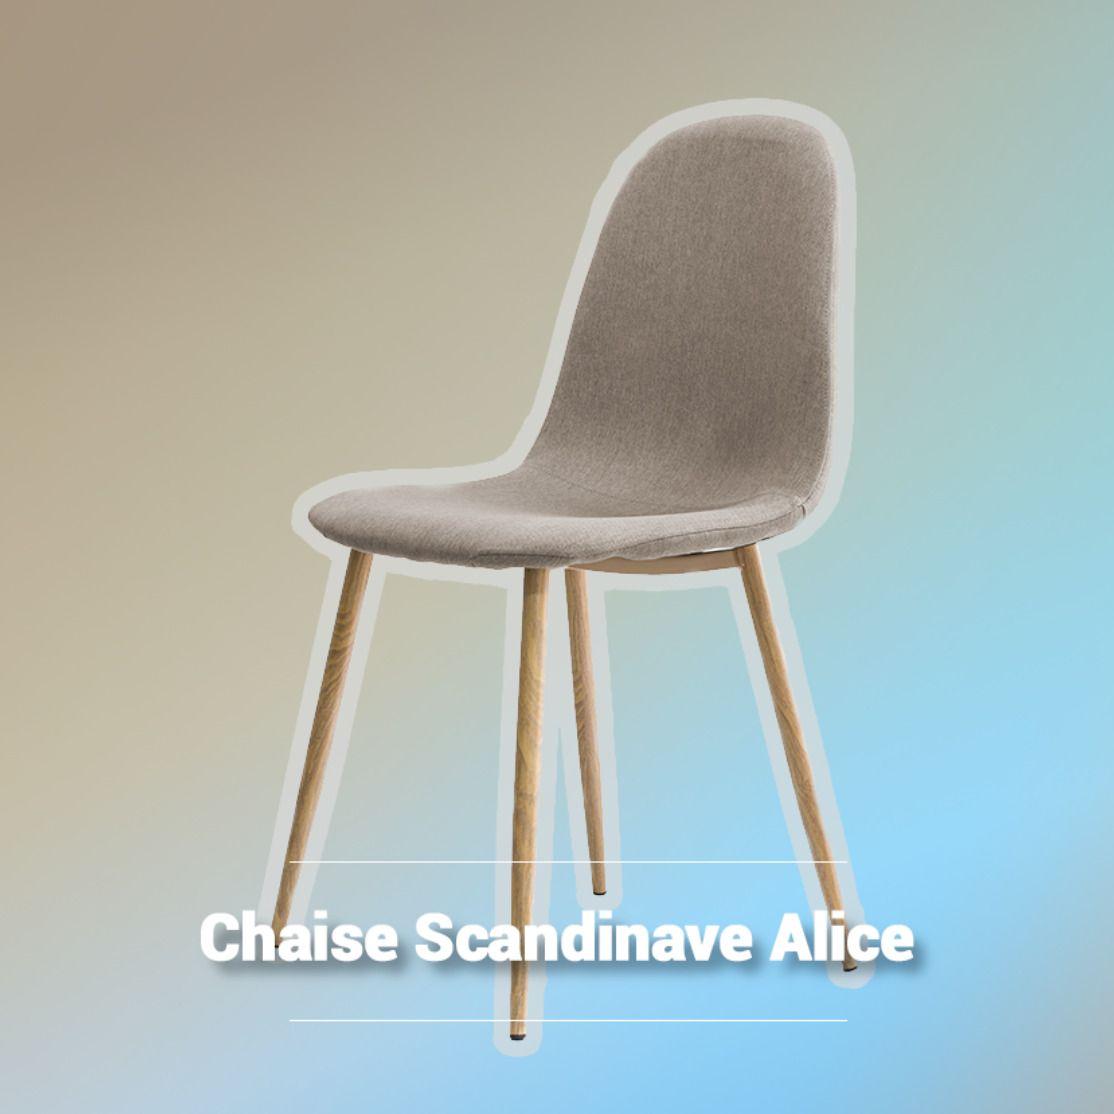 La Chaise Alice A L Assise Confortable Et Le Design Elegant Pur Produit Scandinave Elle Brille Cependant Dans N Importe Chaise Mobilier De Salon Meuble Salon